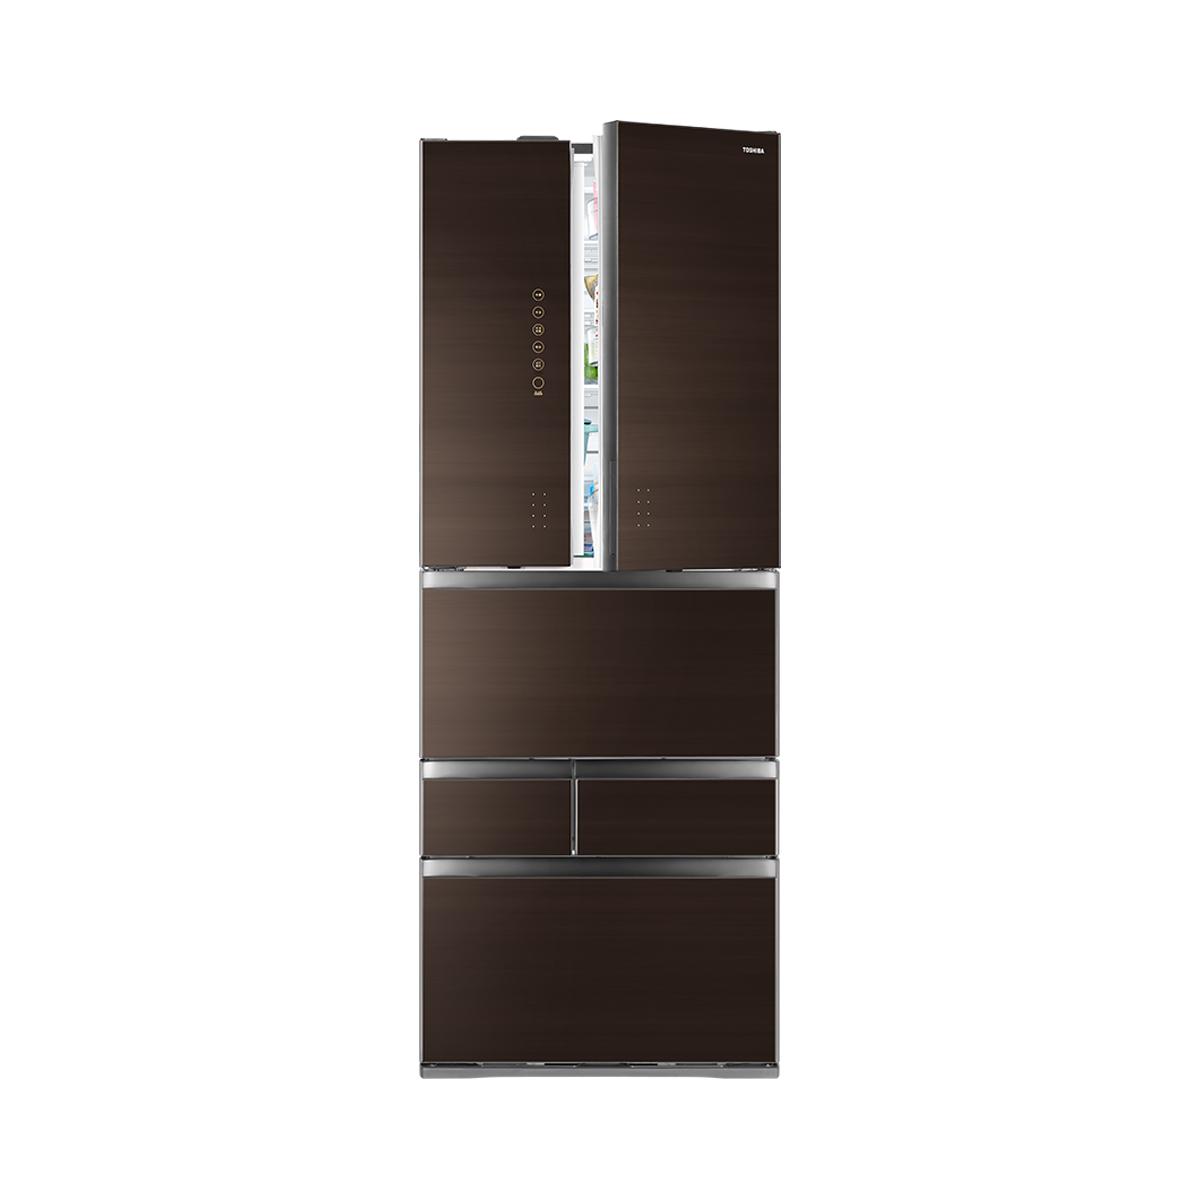 东芝 GR-RM631WE-PG1A2冰箱 说明书.pdf